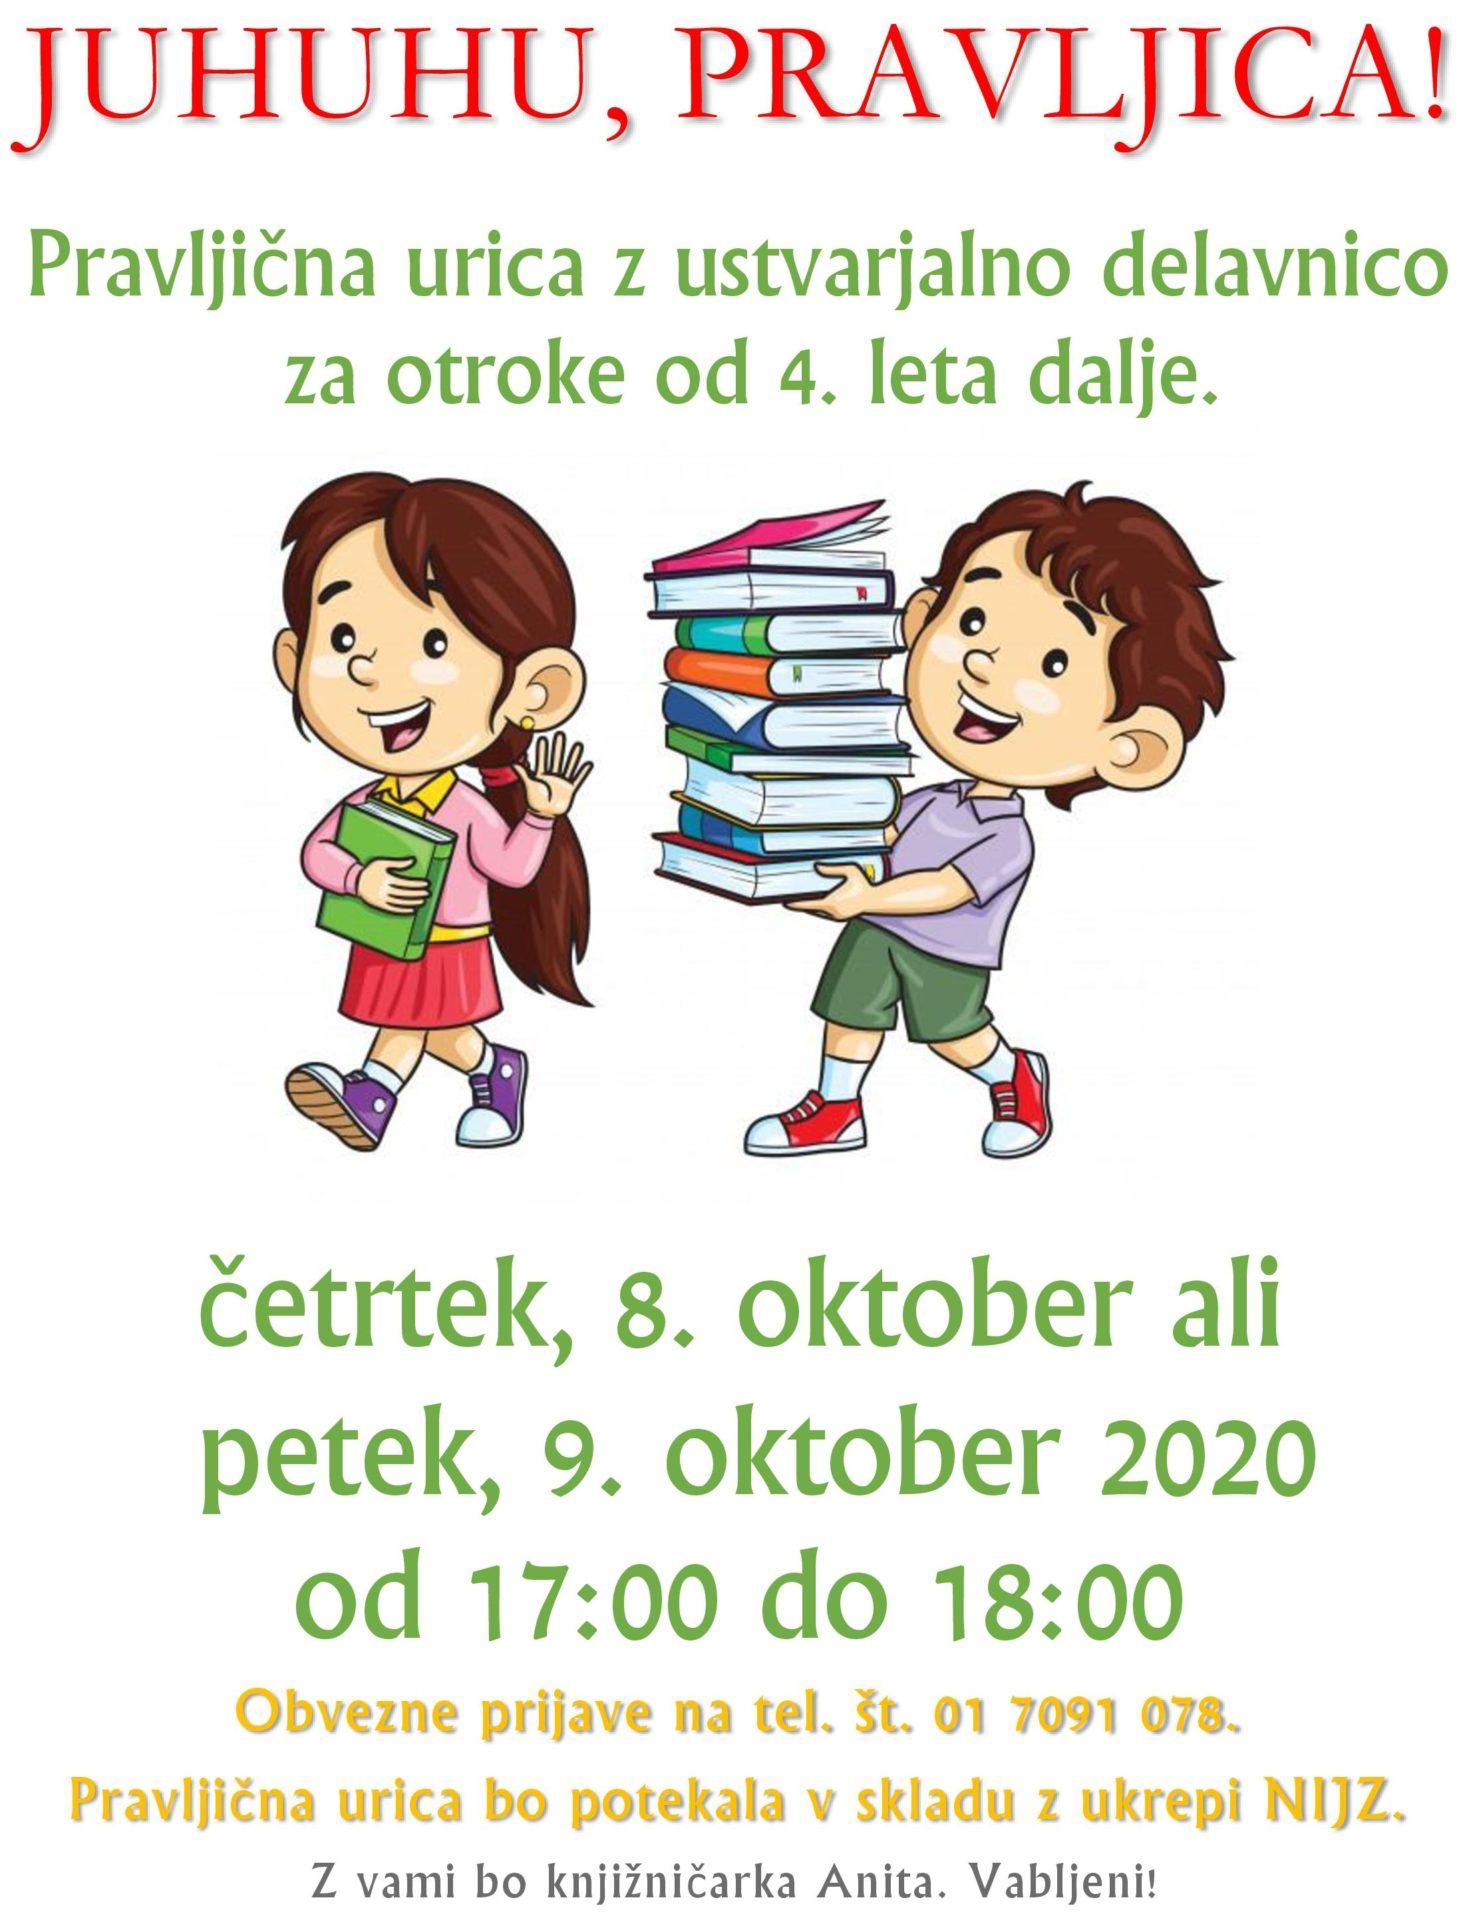 cover - Pravljična urica z ustvarjalno delavnico za otroke od 4. leta dalje – Cerknica